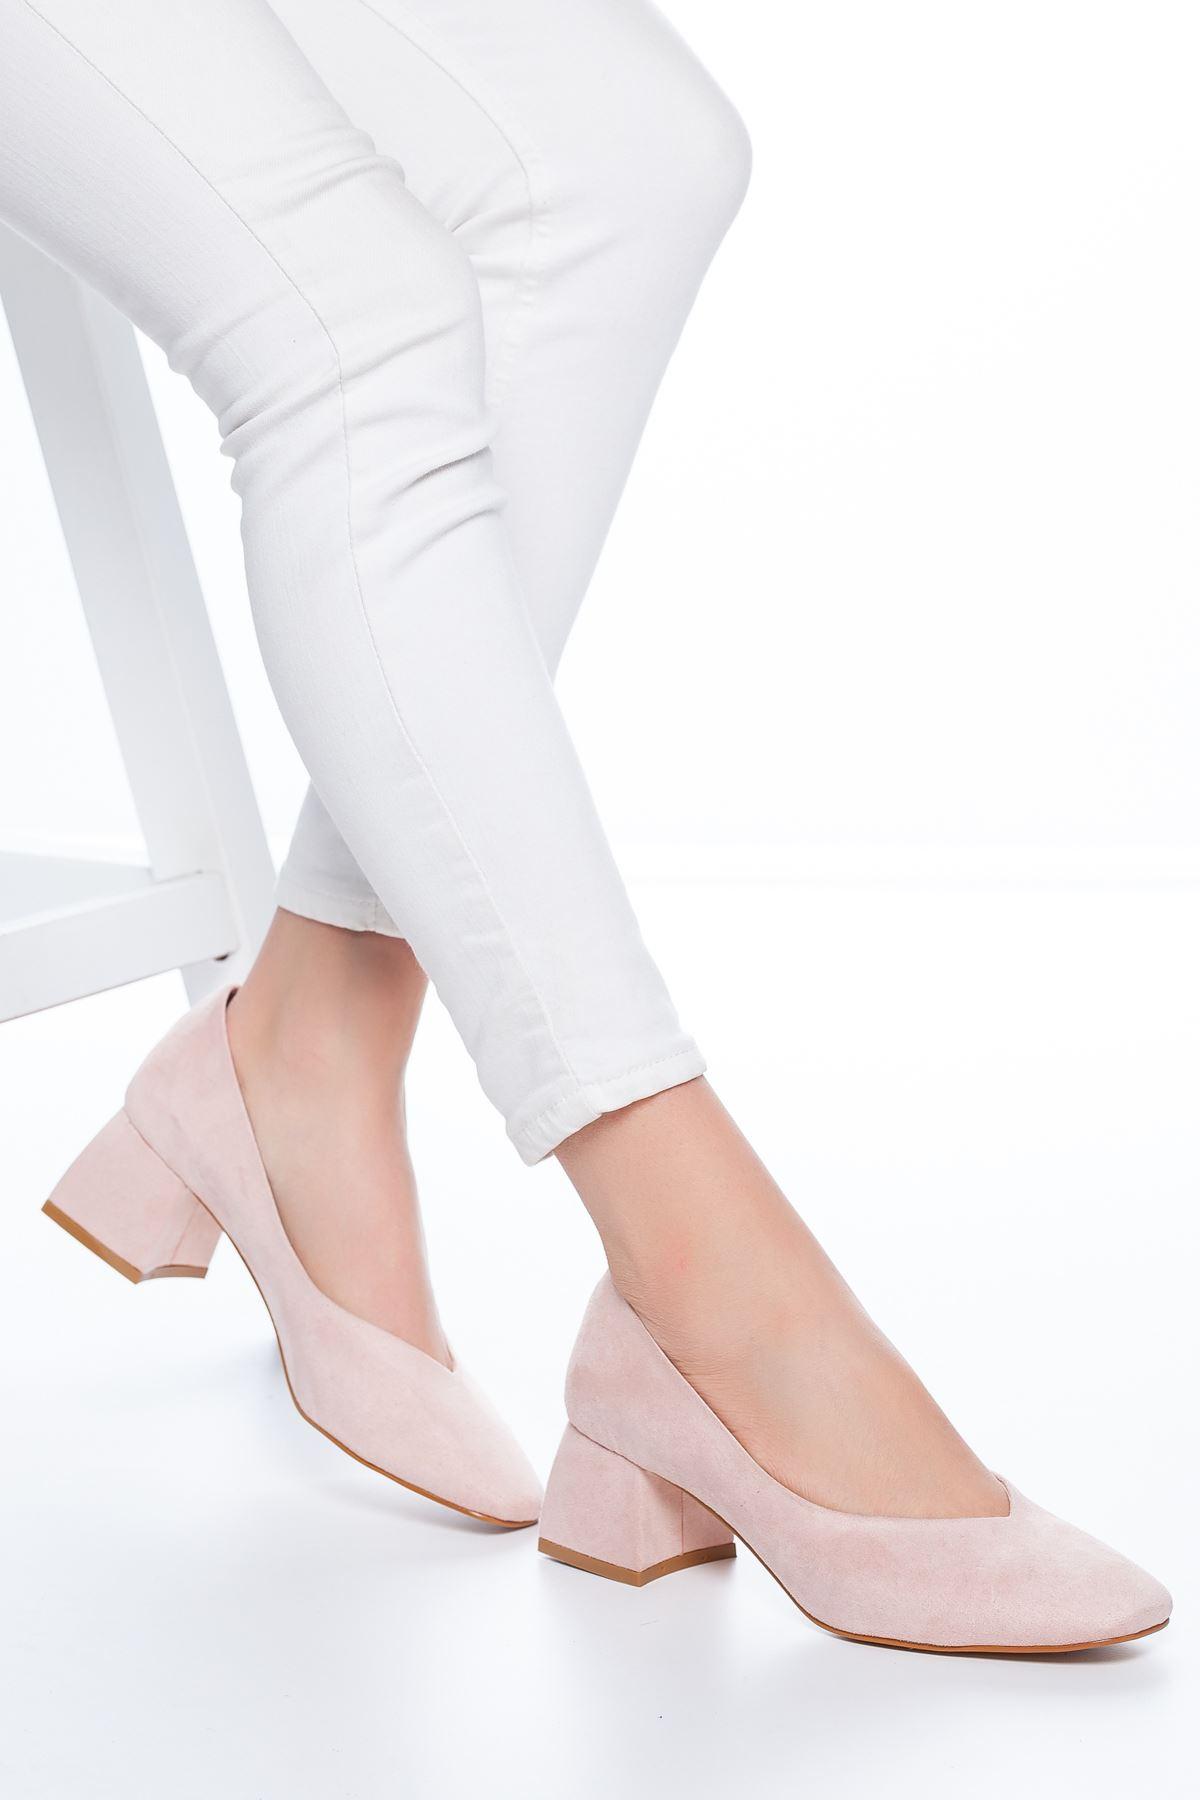 Adela Küt Burun Topuklu Süet Ayakkabı Pudra